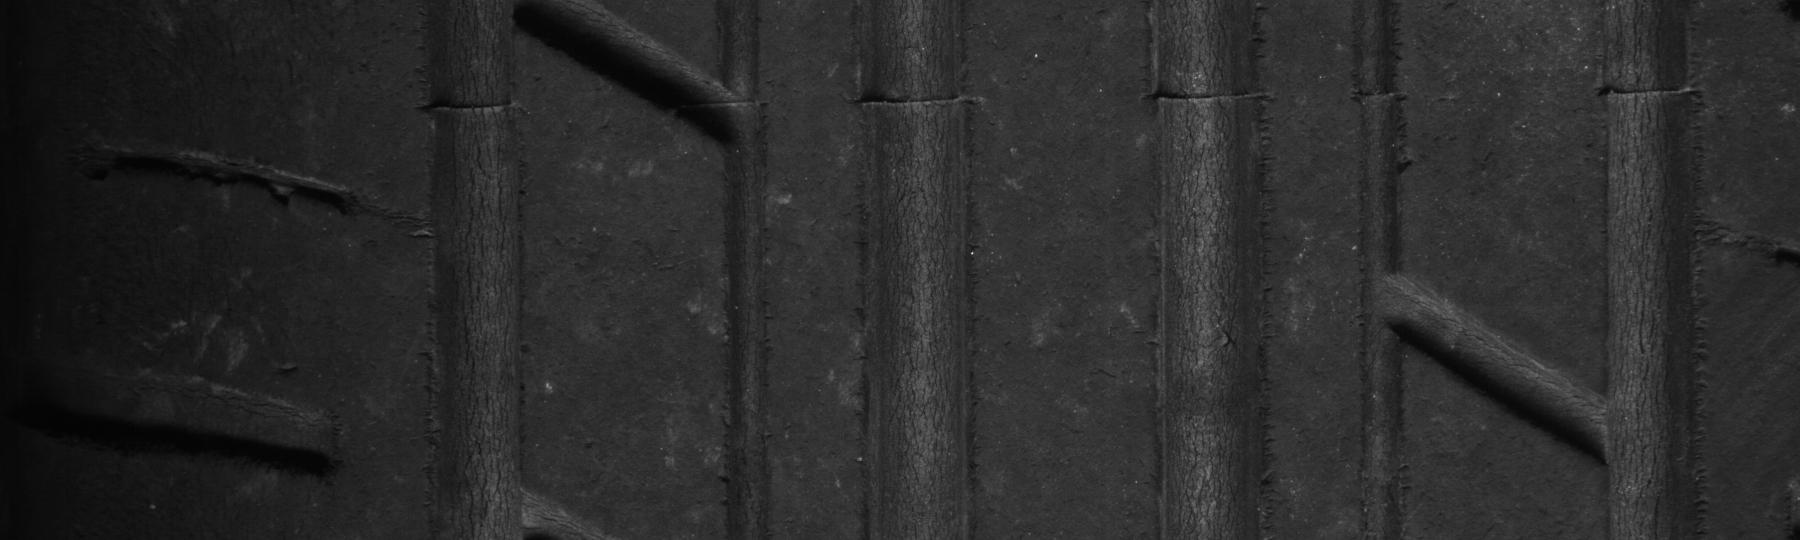 タイヤ  - その他メーカー その他  Ref:SP238611_581     1/1